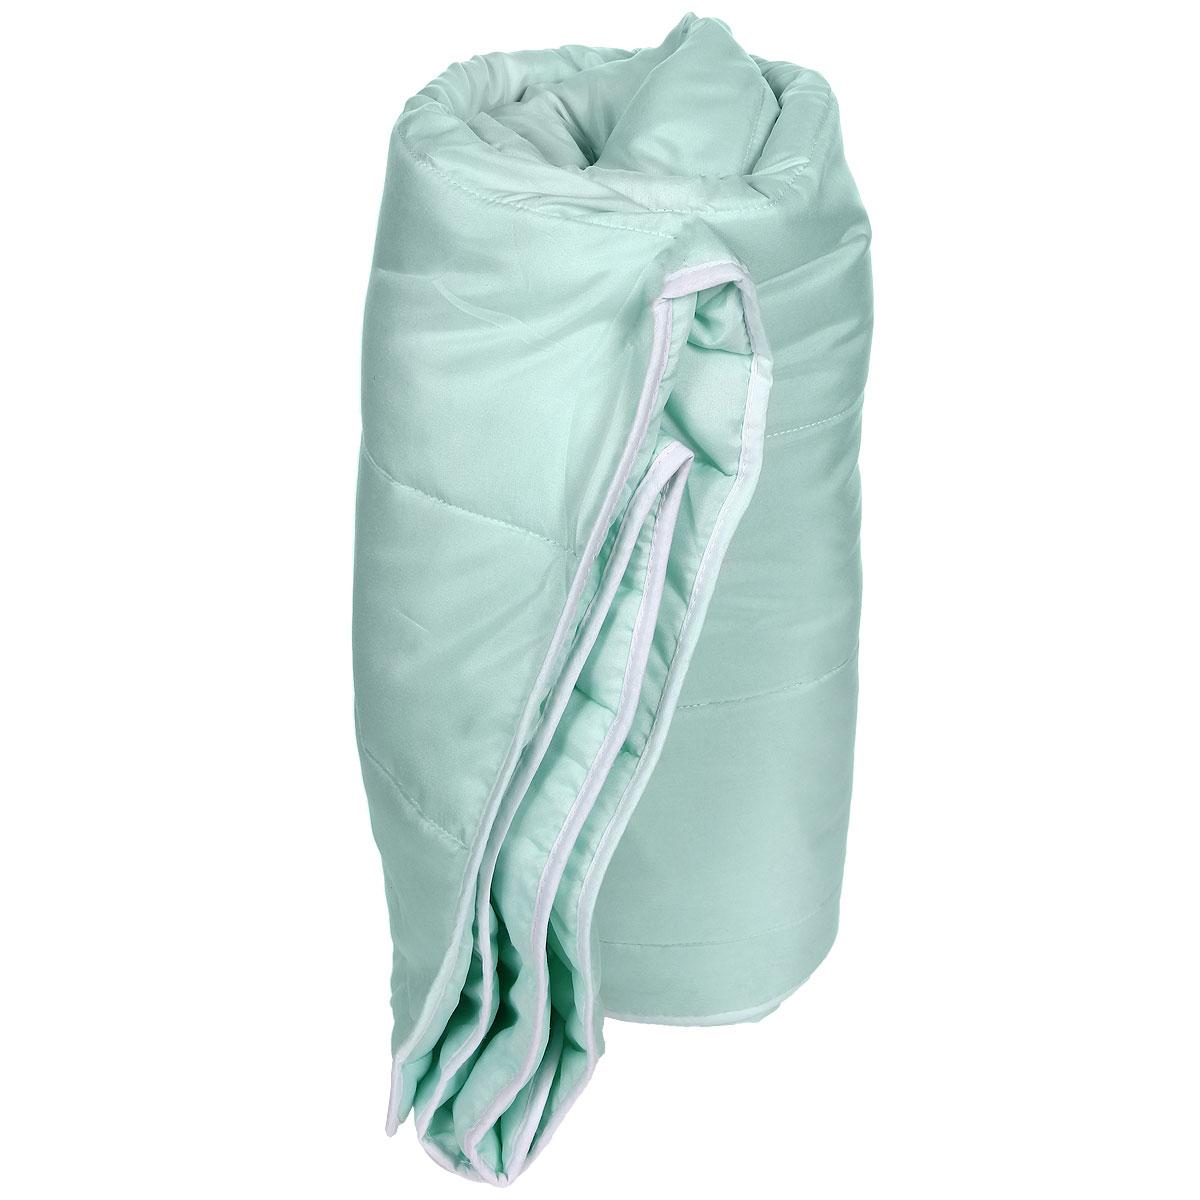 Одеяло облегченное Miotex Холфитекс, наполнитель: высокосиликонозированное микроволокно, 140 х 205 смМХПЭ-15-2Чехол стеганого набивного одеяла Miotex Холфитекс выполнен из мягкого приятного на ощупь полиэстера. Наполнитель - Холфитекс. Холфитекс - упругий и качественный наполнитель. Прекрасно держит тепло. Одеяло с наполнителем Холфитекс легкое и комфортное. Даже после многократных стирок не теряет свою форму, наполнитель не сбивается, так как одеяло простегано и окантовано. Не вызывает аллергии. Рекомендации по уходу: - Стирка в теплой воде (температура до 30°С), - Нельзя отбеливать. При стирке не использовать средства, содержащие отбеливатели (хлор), - Сушить вертикально без отжима, - Не гладить. Не применять обработку паром, - Нельзя выжимать и сушить в стиральной машине. Характеристики: Материал чехла: 100% полиэстер. Наполнитель: полиэфирное высокосиликонизированное волокно Холфитекс. Плотность: 200 г/м. Размер одеяла: 140 см х 205 см. Размер упаковки: 50 см х 50 см х 10 см. Артикул: МХПЭ-15-2. ...